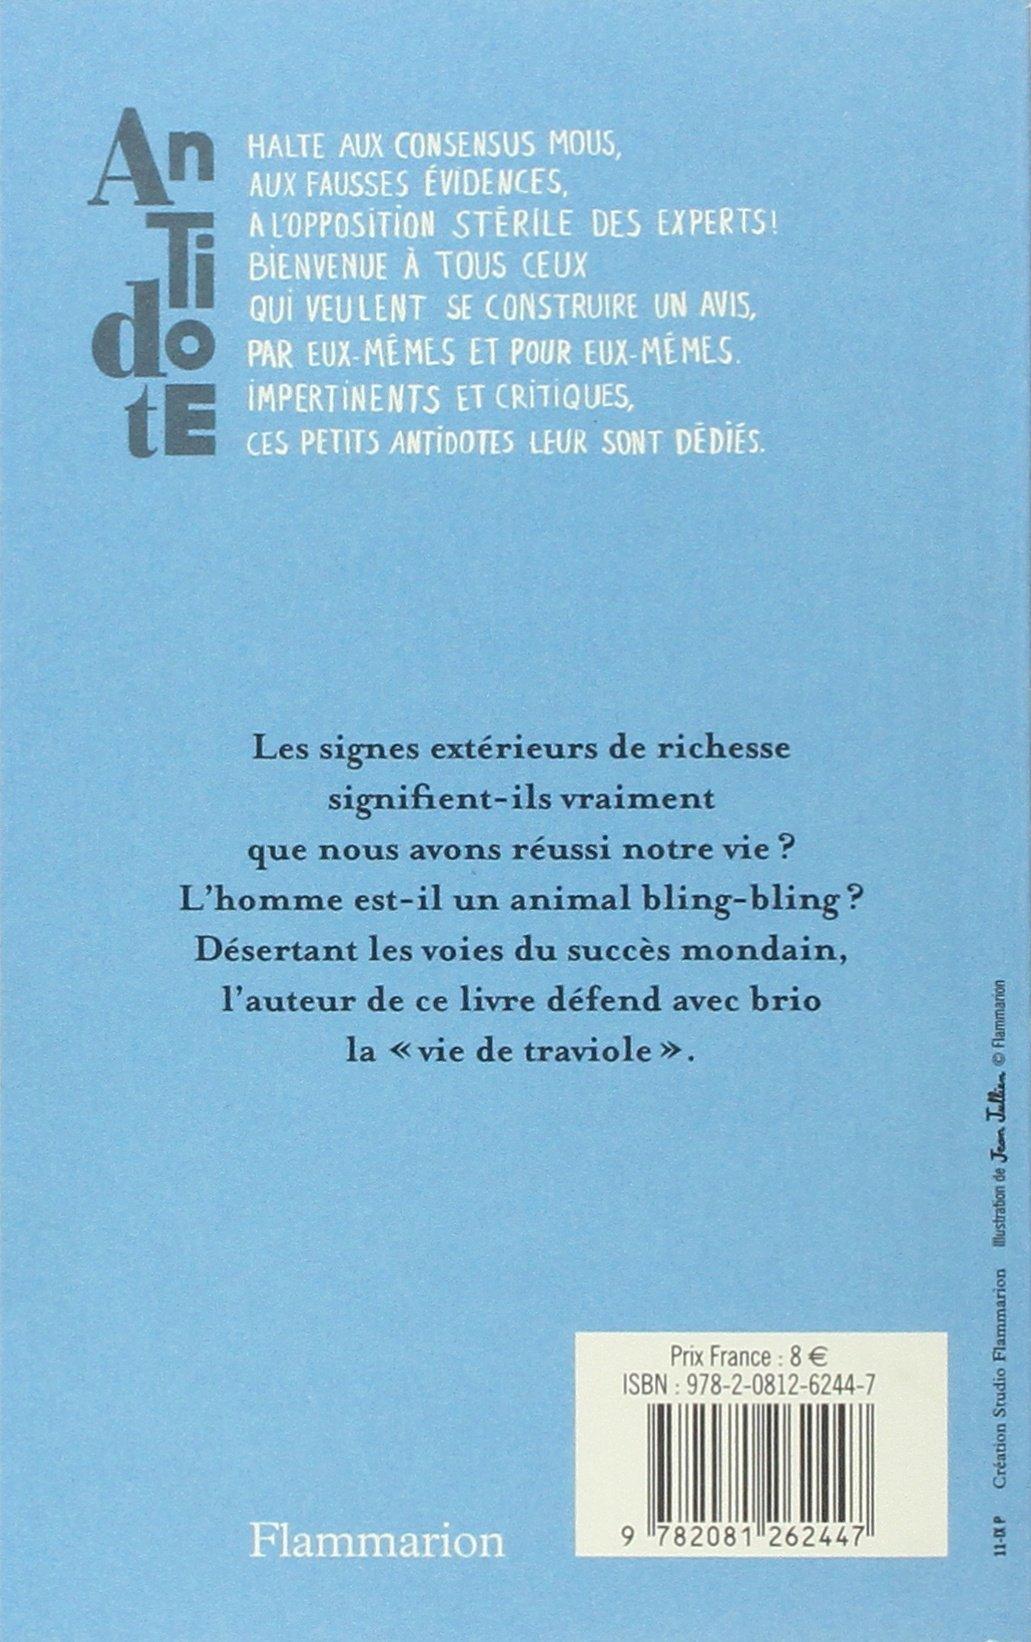 Une rolex à 50 ans : A-t-on le droit de rater sa vie ?: Amazon.de: Yann  Dall'aglio: Fremdsprachige Bücher